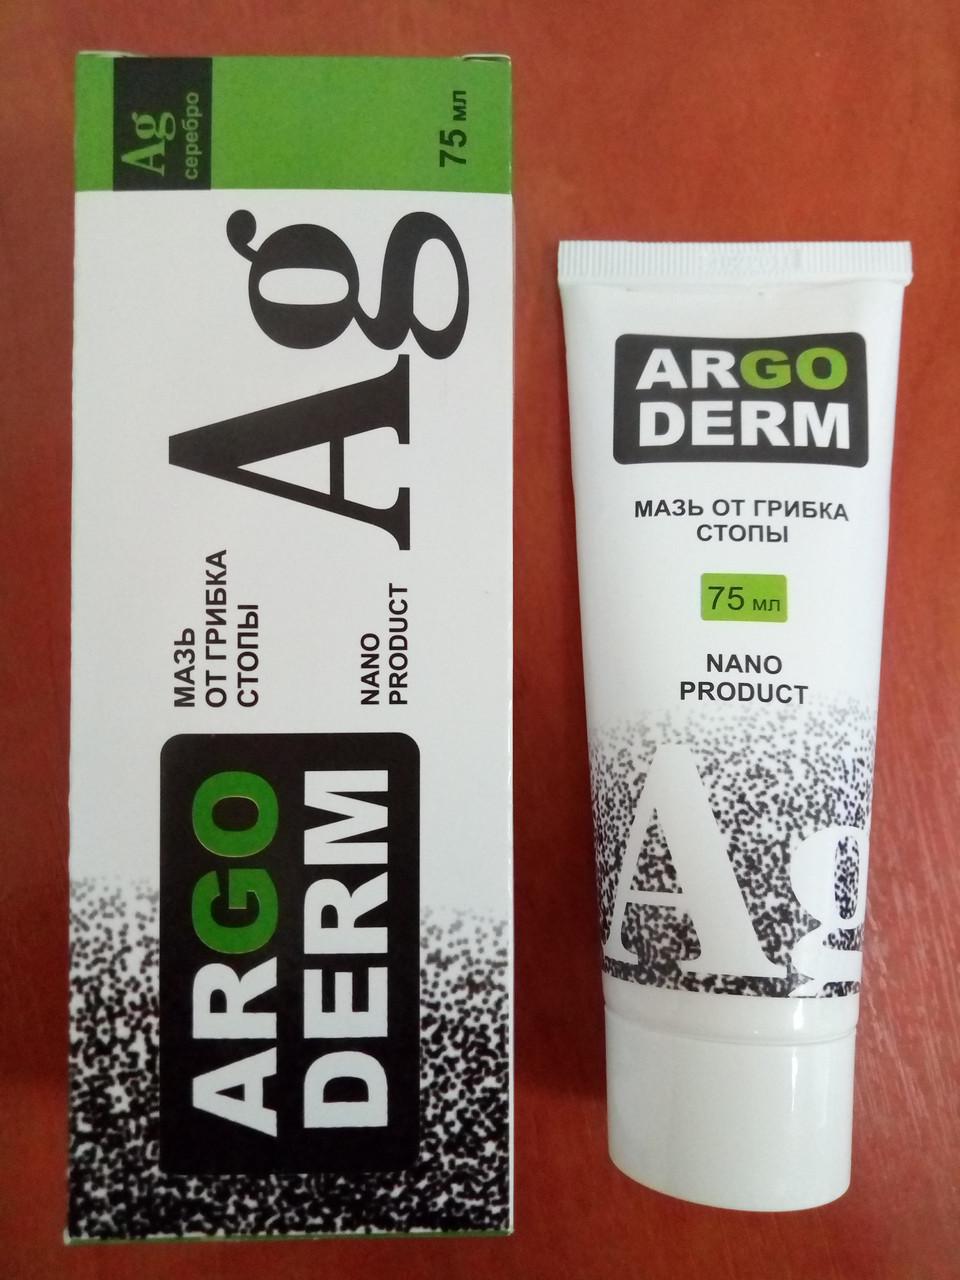 ArgoDerm - Мазь от грибка и трещин стопы (АргоДерм)